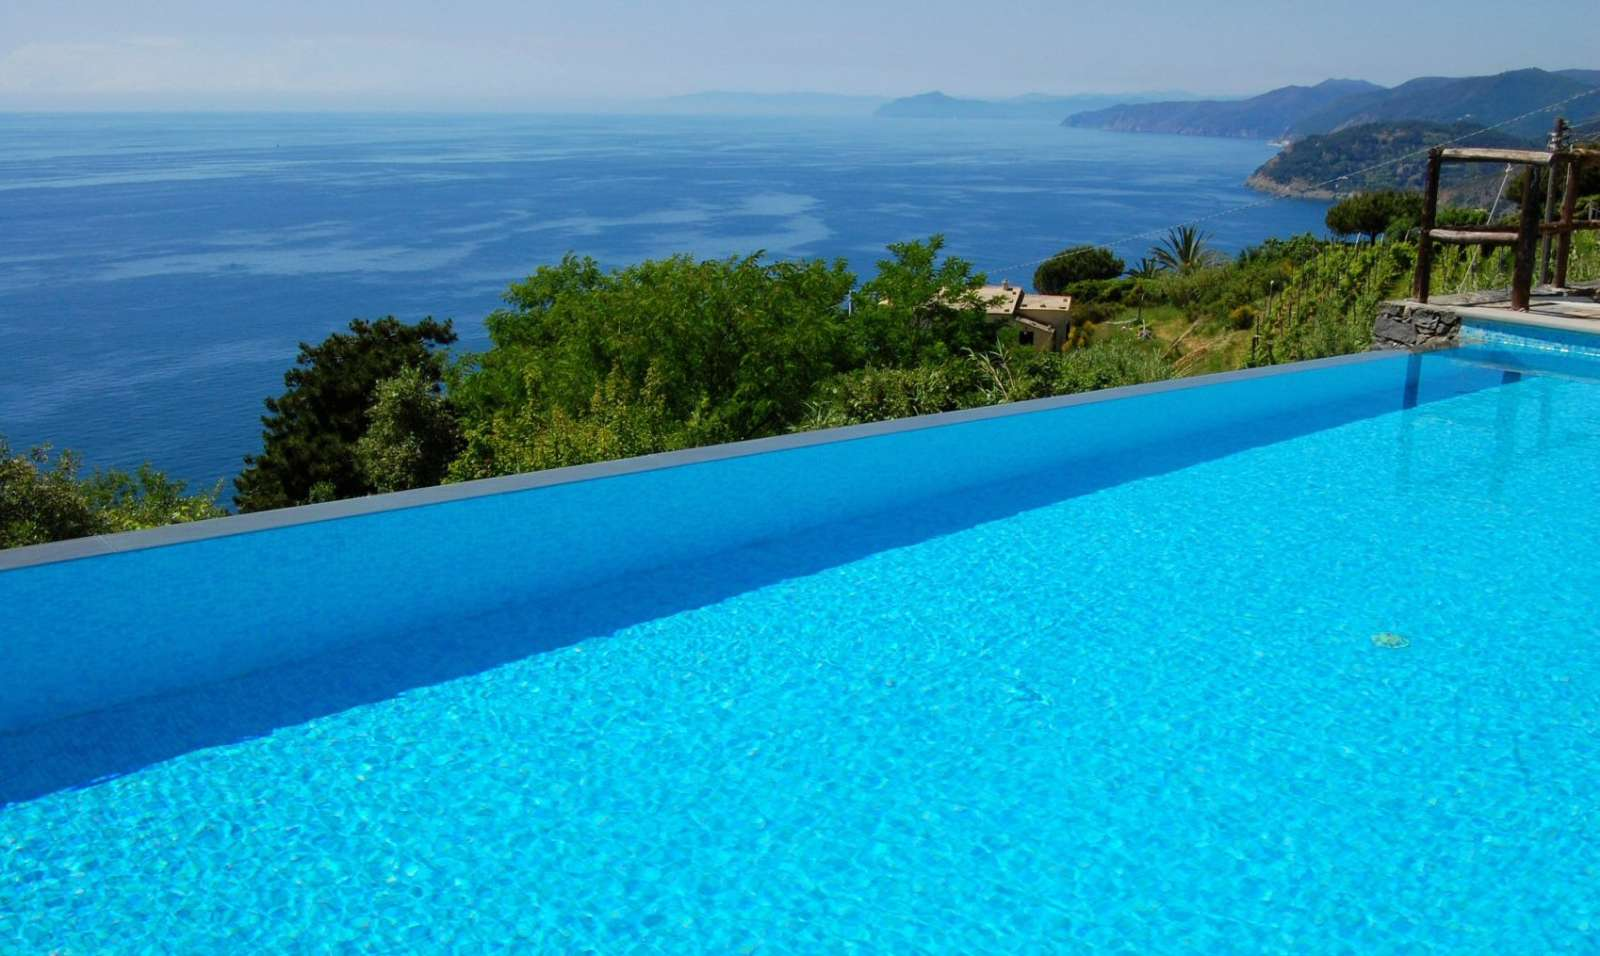 Swimmingpool & Meer